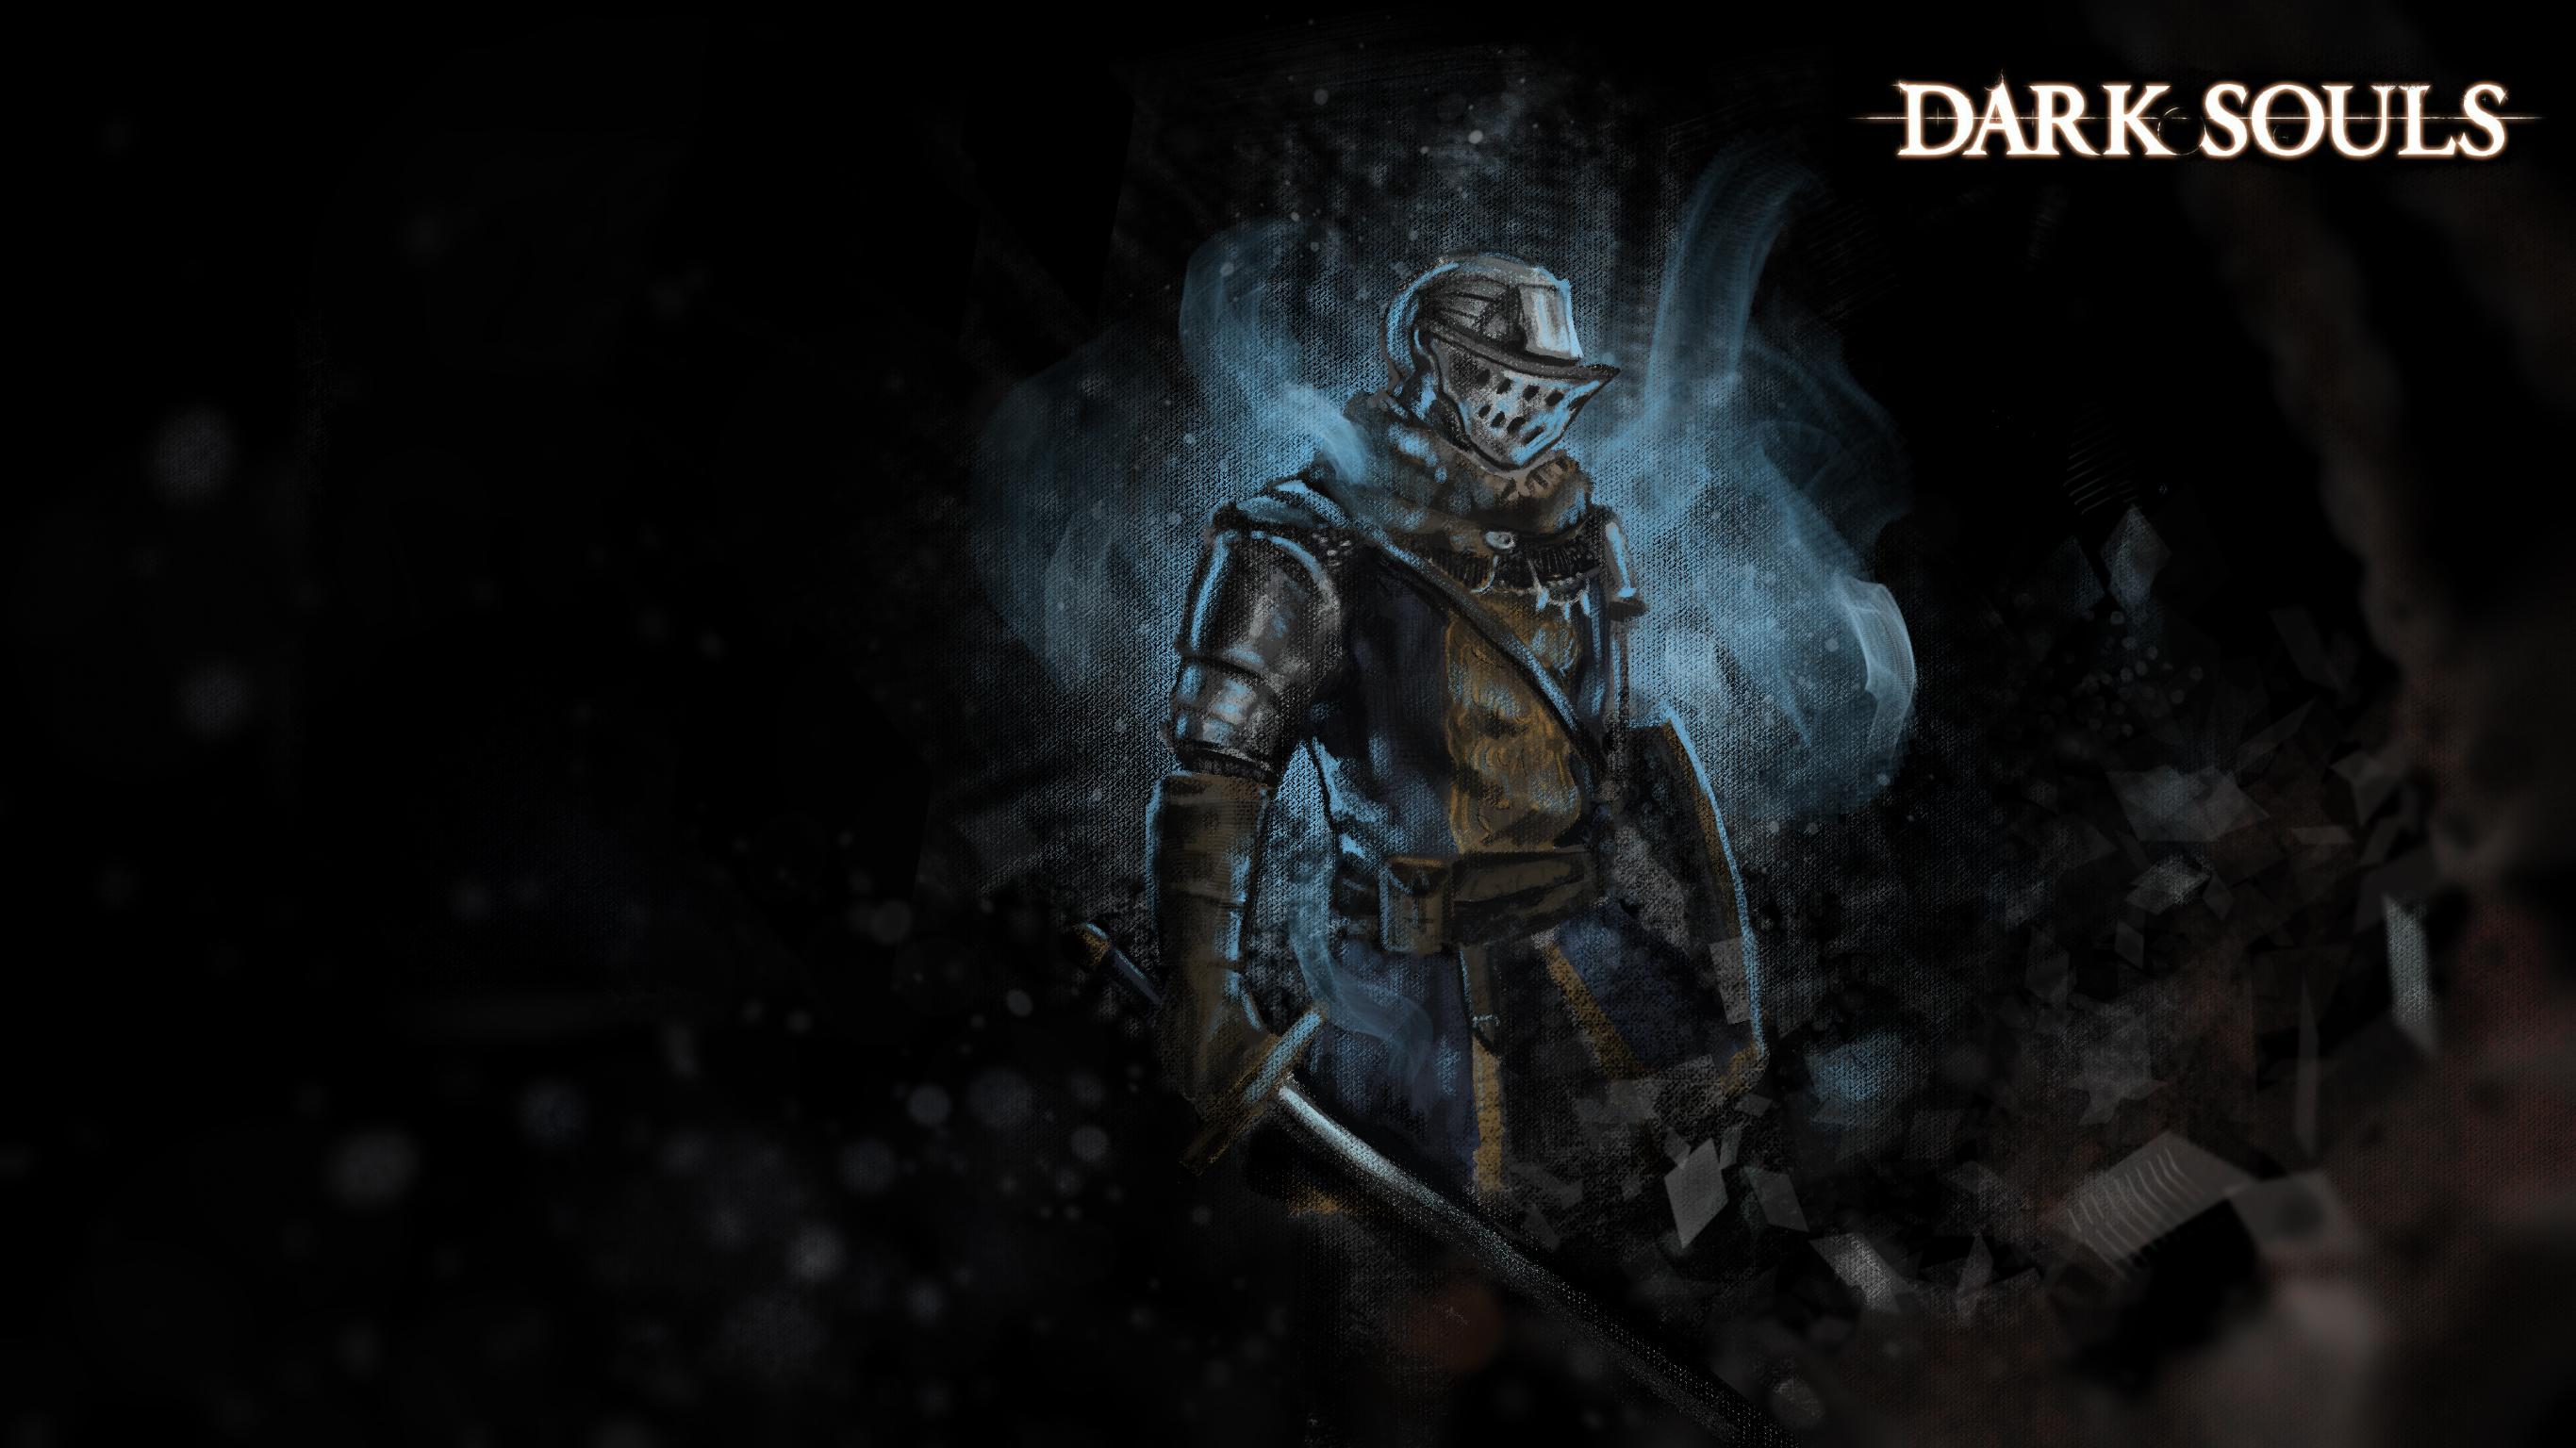 Dark Souls Wallpaper By Sharkalpha On Deviantart